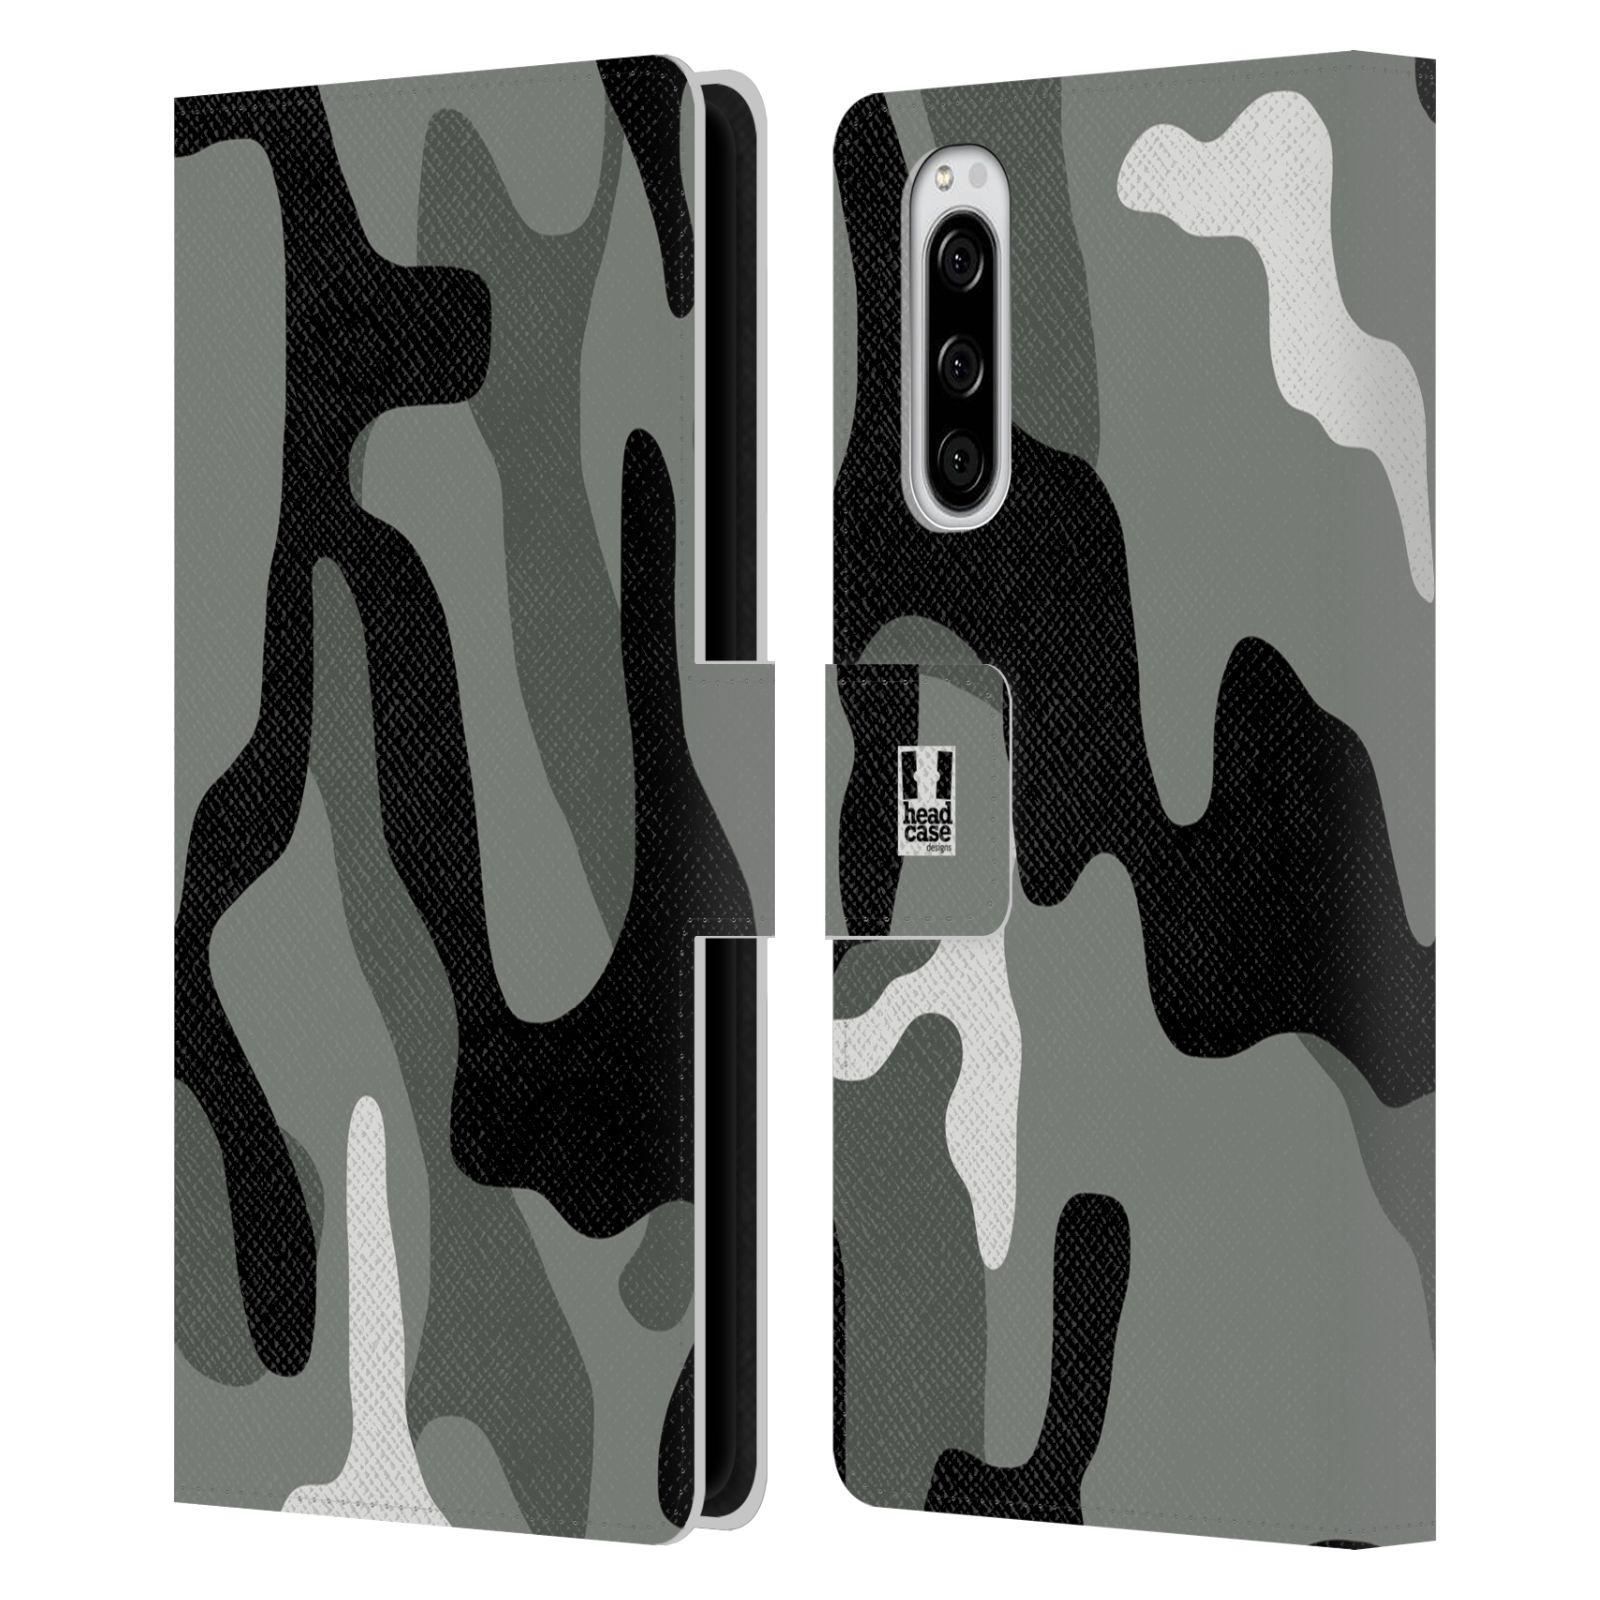 Pouzdro na mobil Sony Xperia 5 kamufláž šedá barva